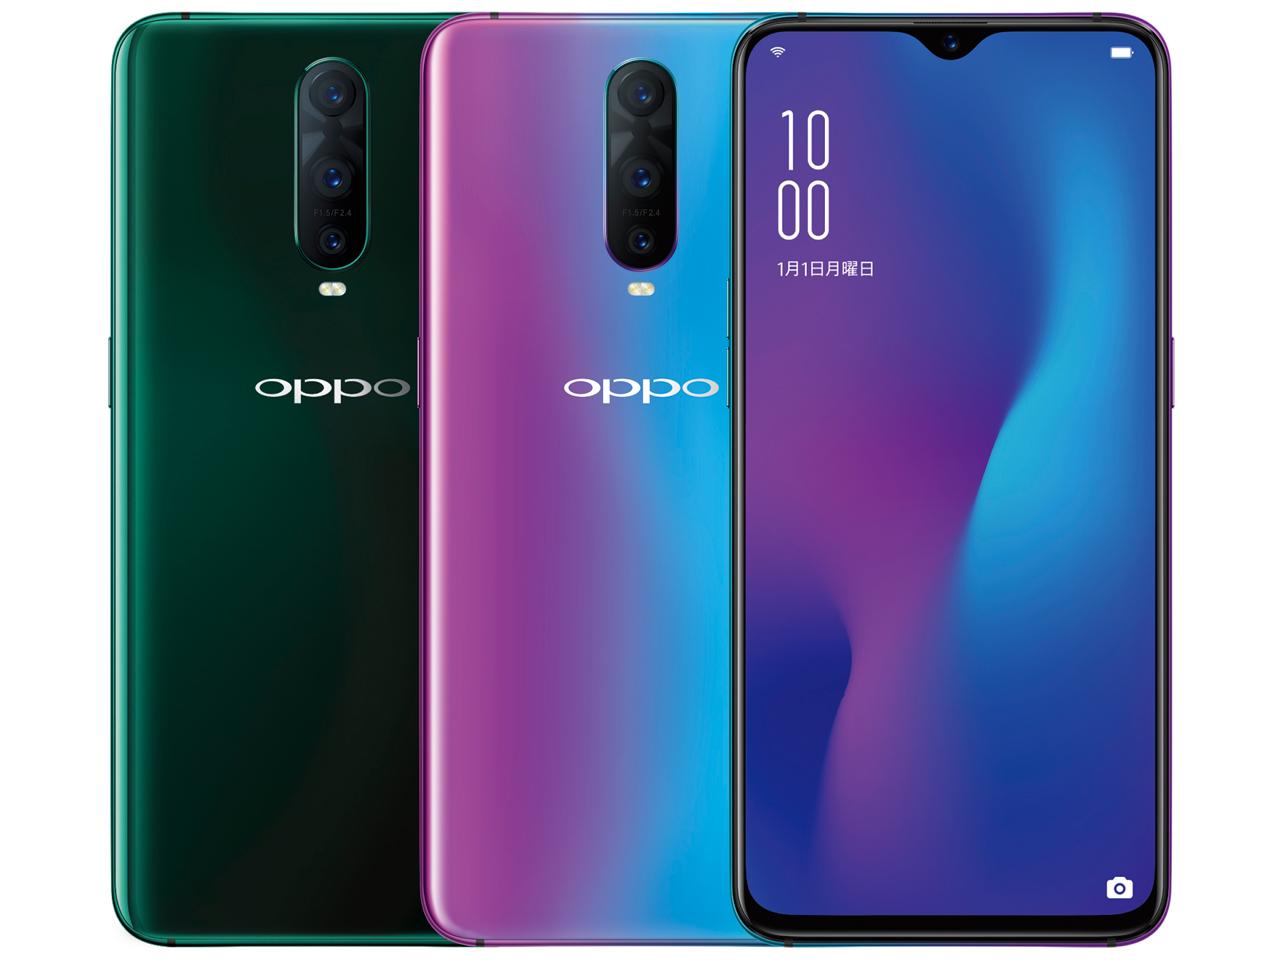 OPPO OPPO R17 Pro 製品画像